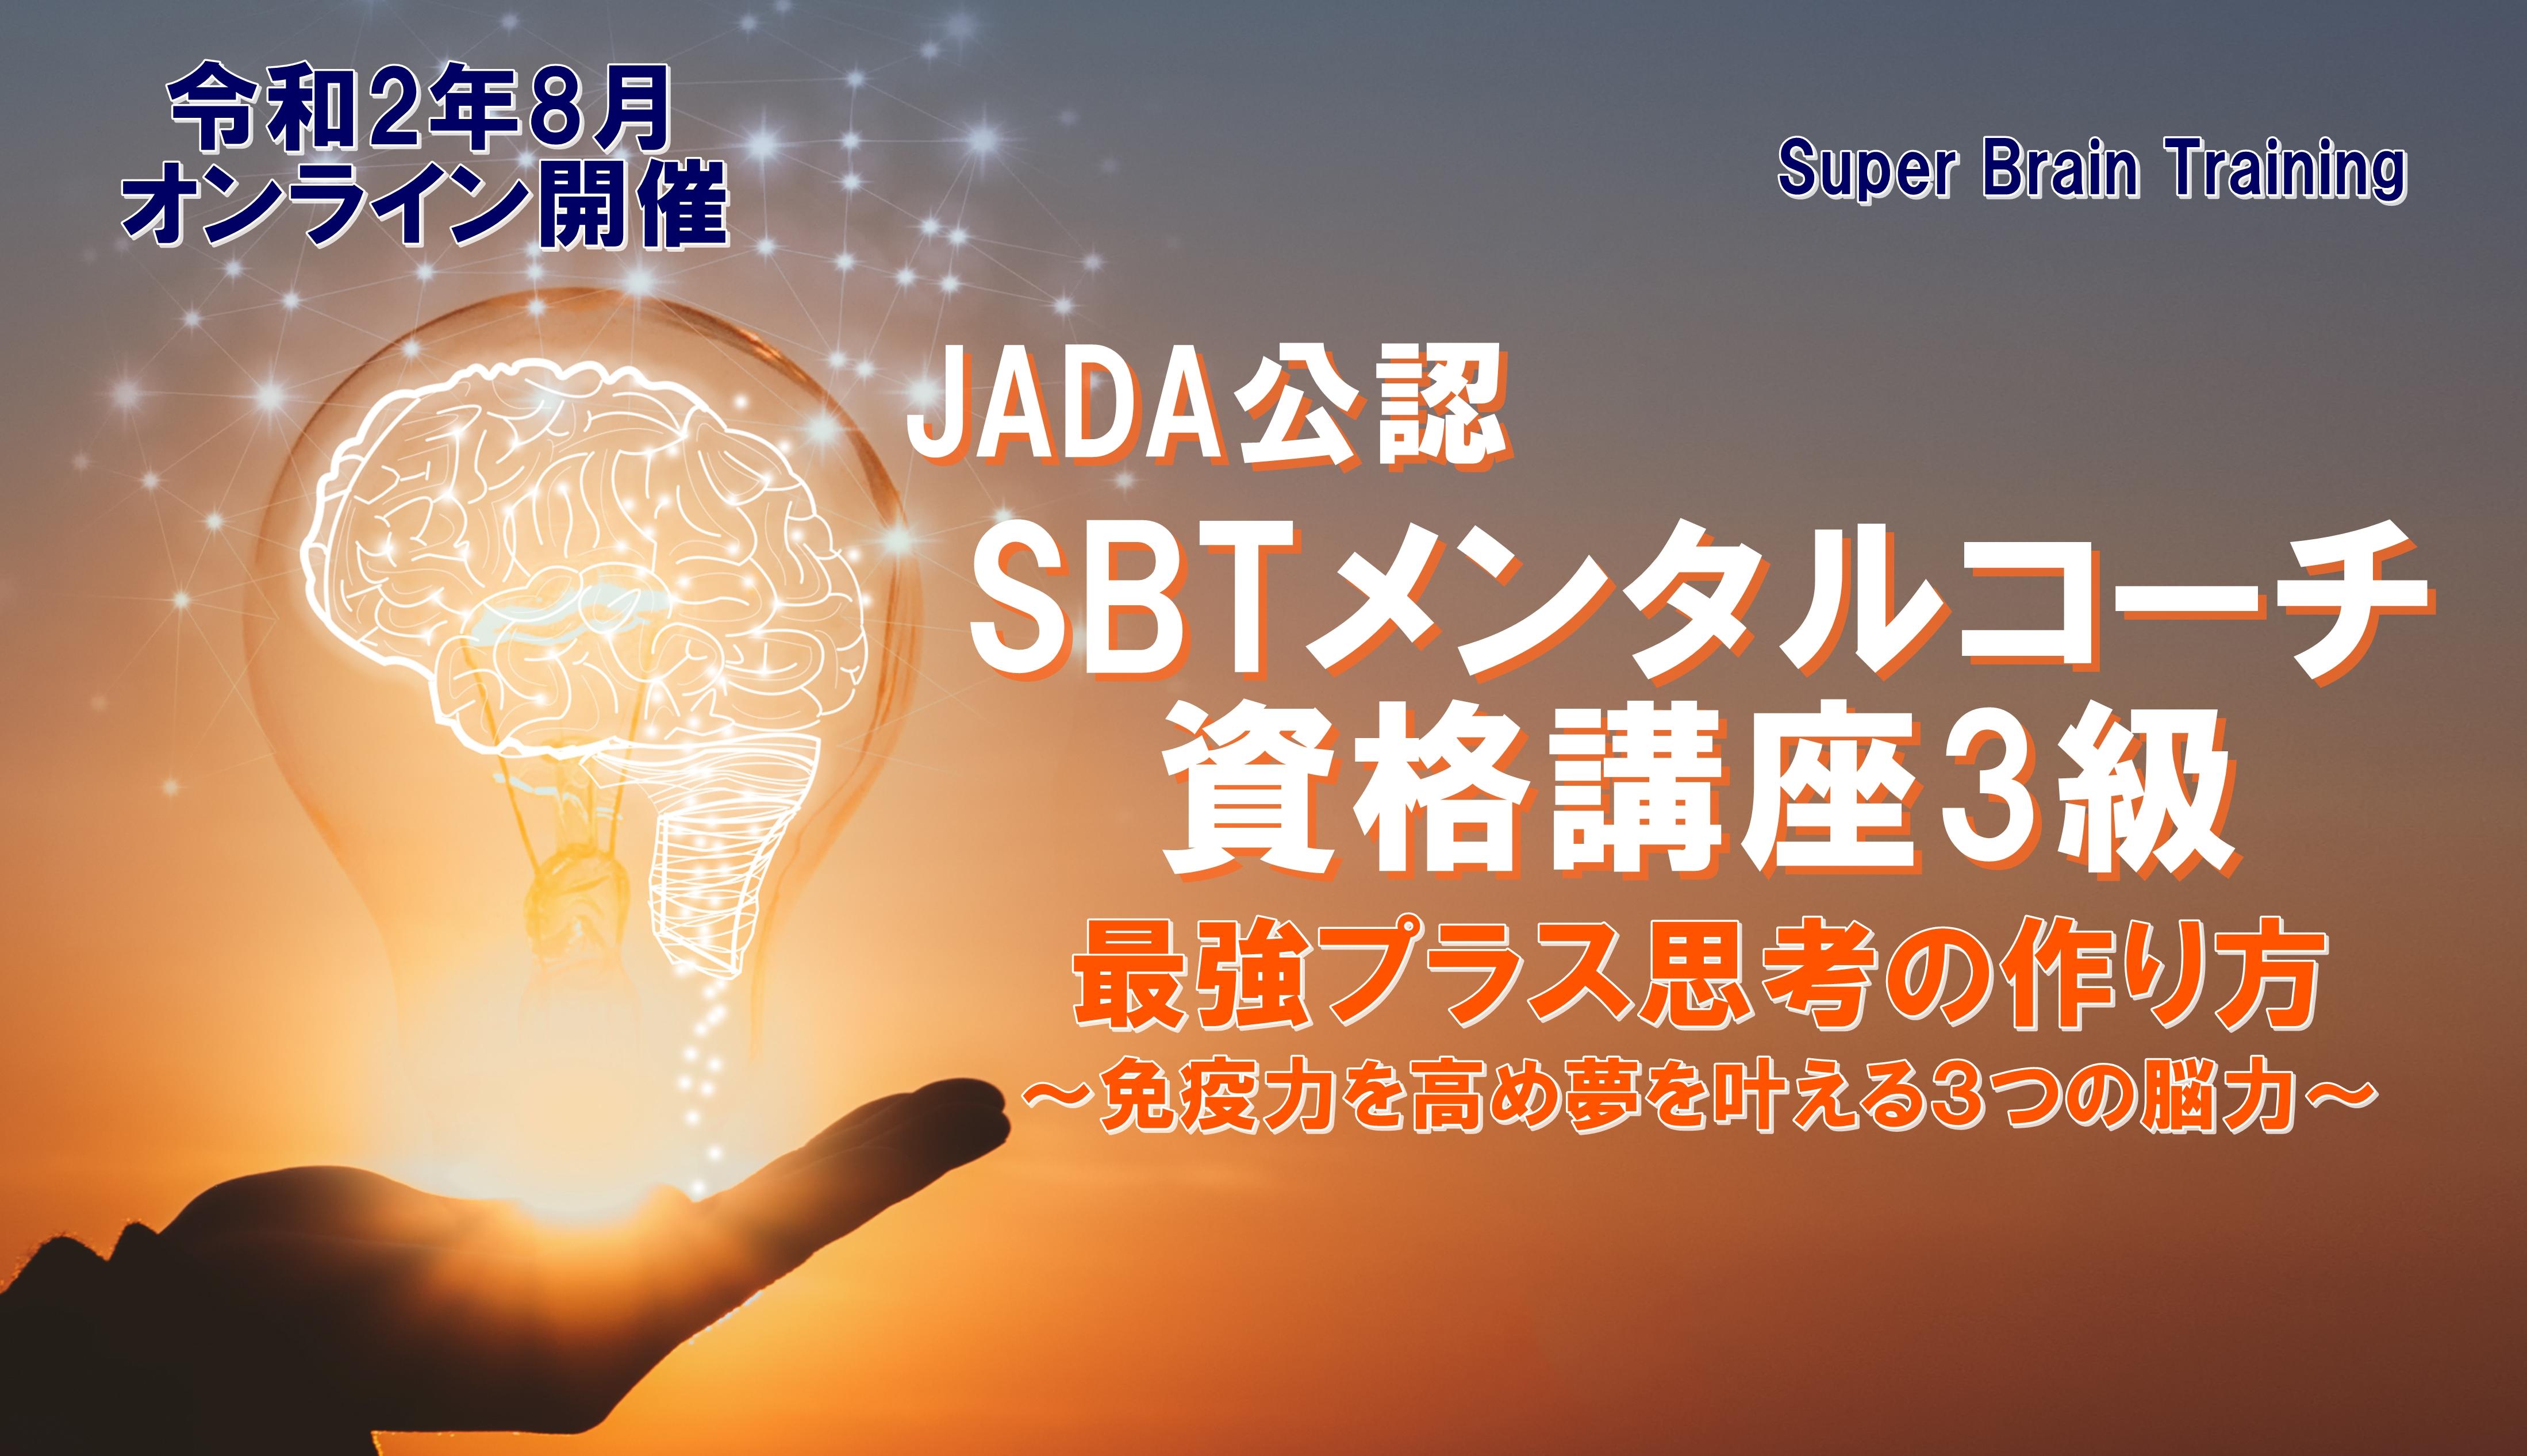 【午前開催】JADA公認SBTメンタルコーチ資格講座3級(少人数オンライン講座)